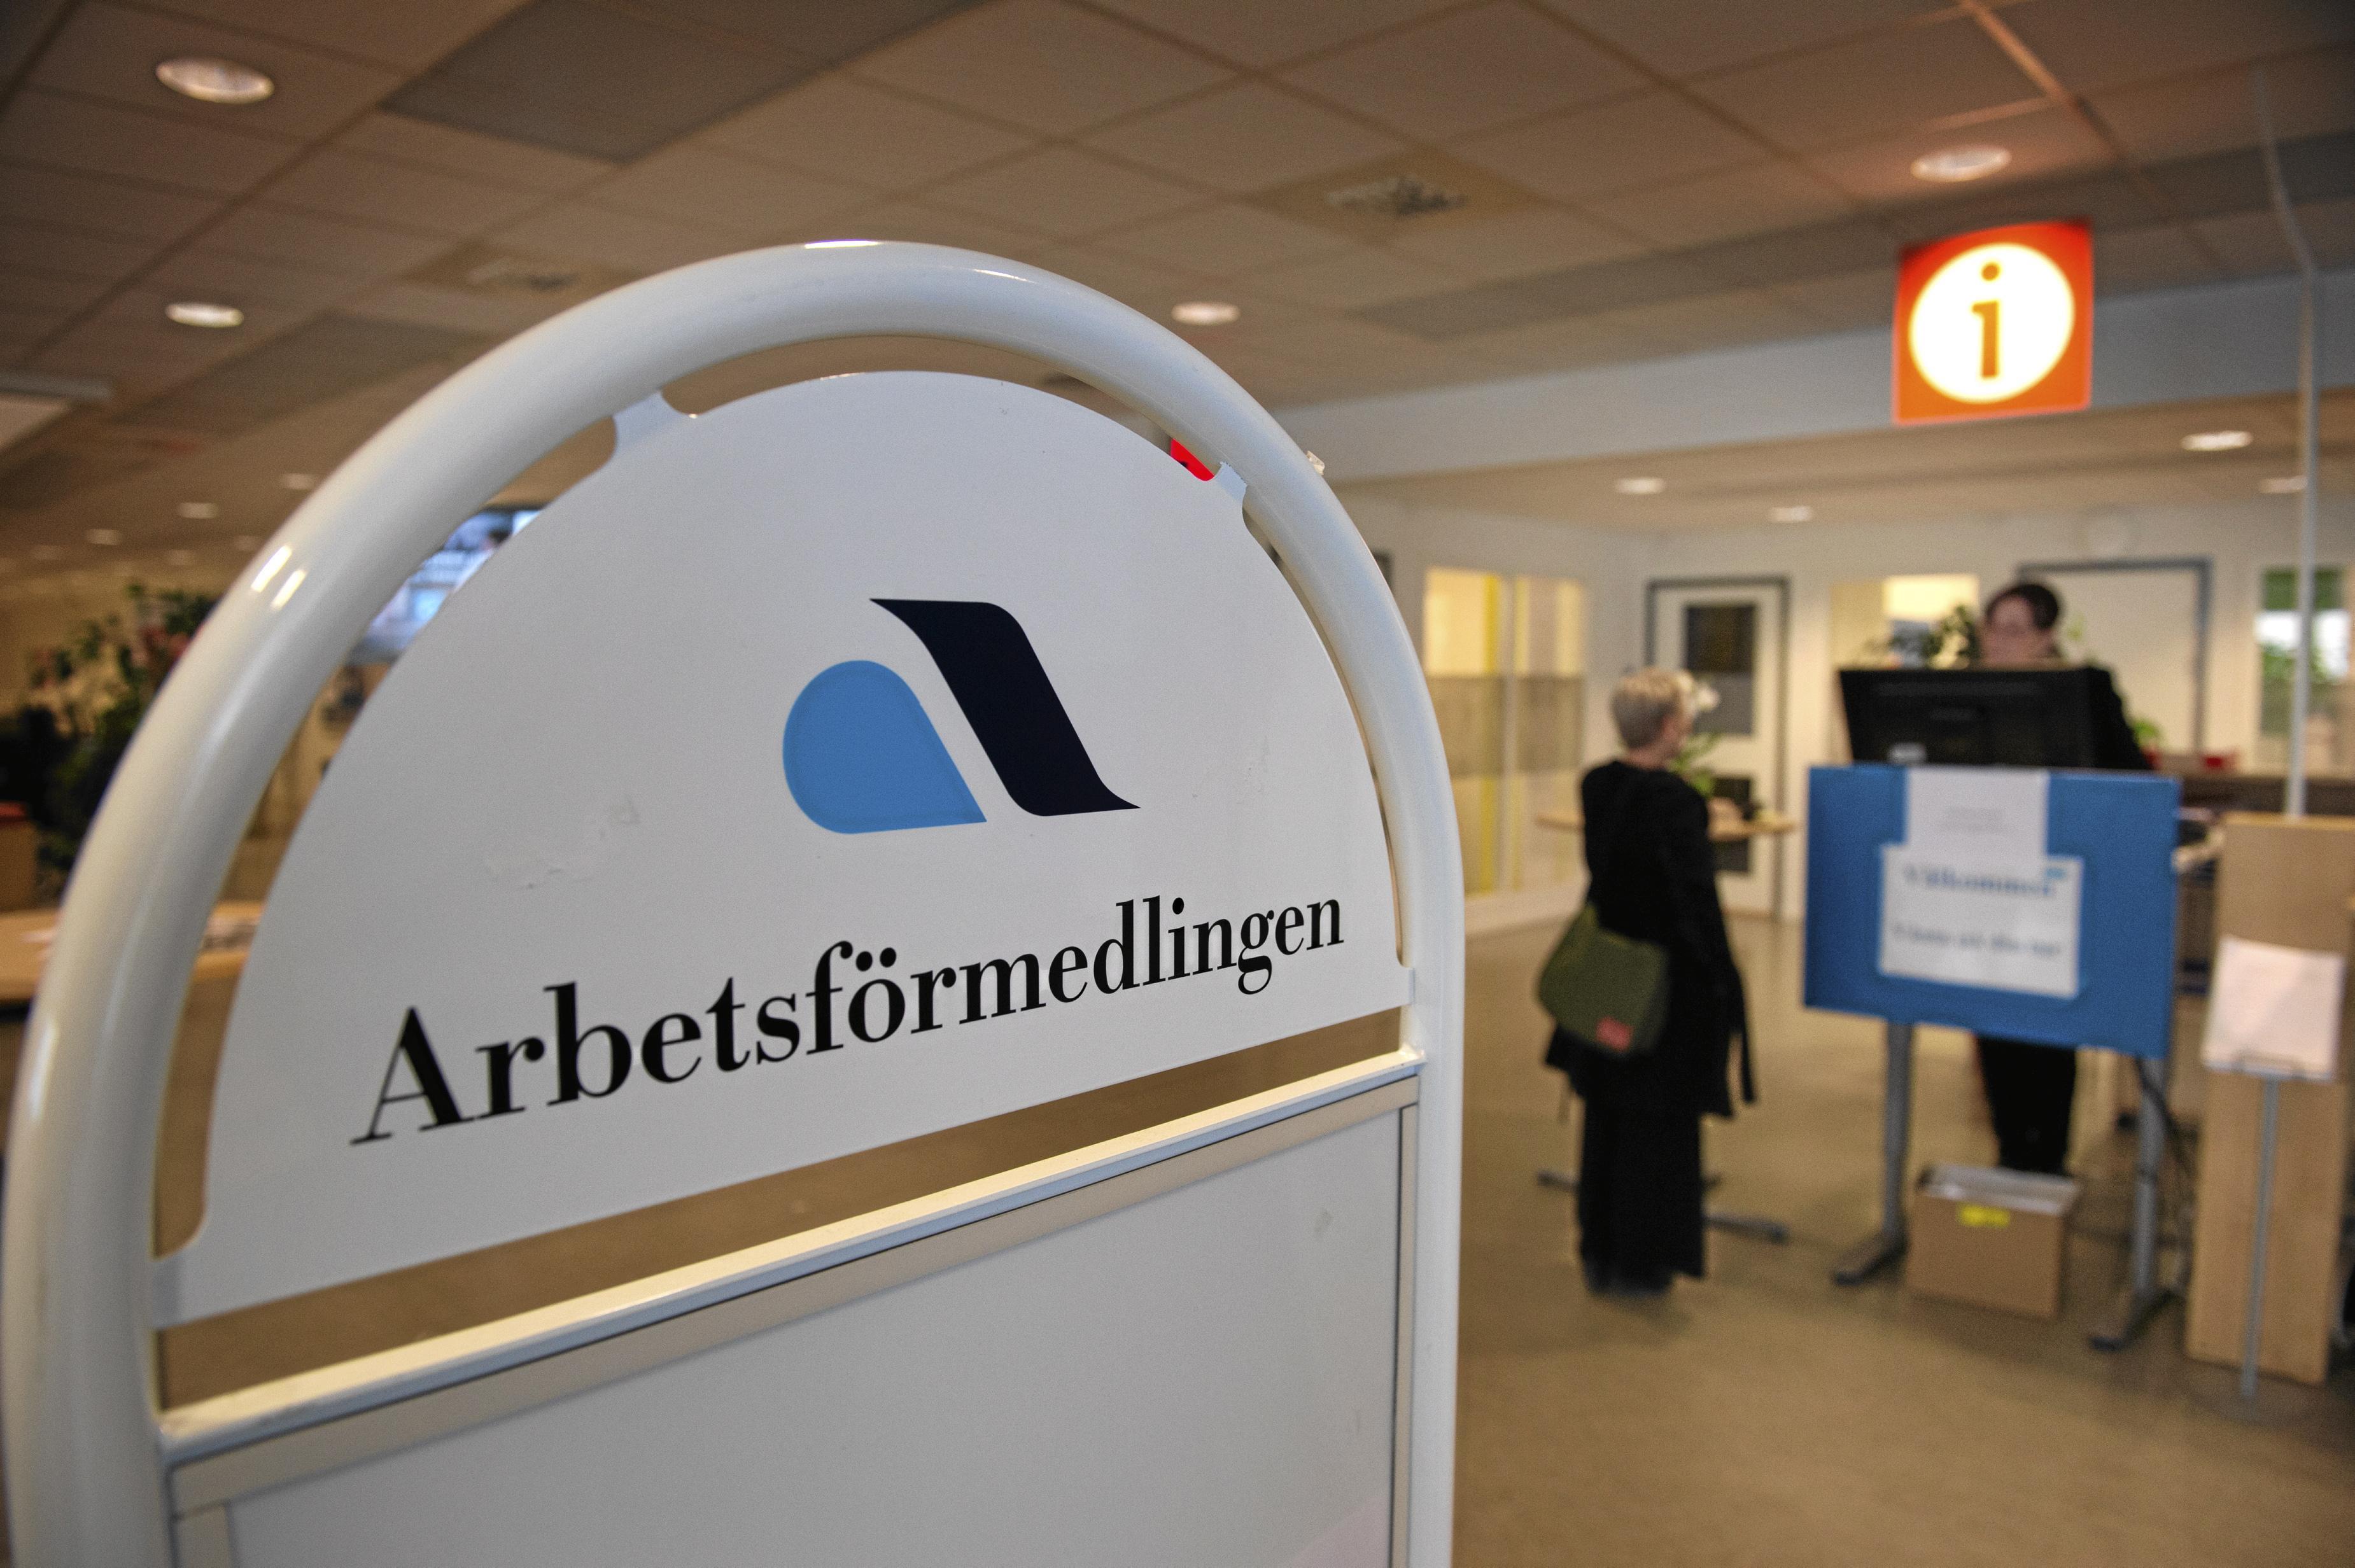 Vänsterpartiet anser att privatiseringen av Arbetsförmedlingen är ett oblygt försök att avskaffa den svenska aktiva arbetsmarknadspolitiken.